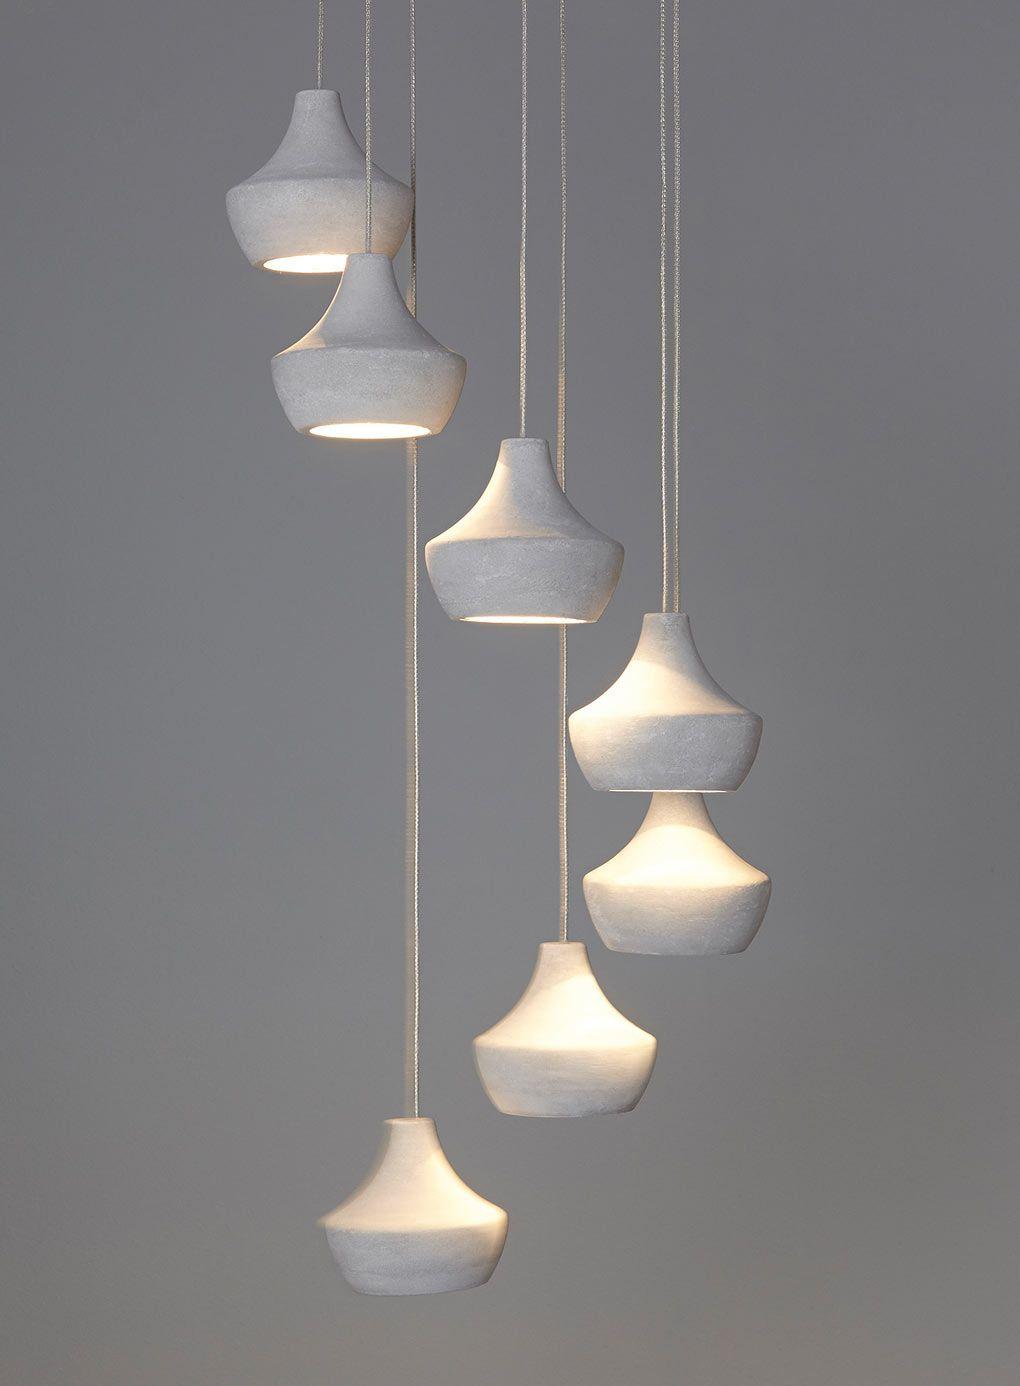 Pendant Lights Bhs Ceiling Lights Cluster Lights Concrete Light